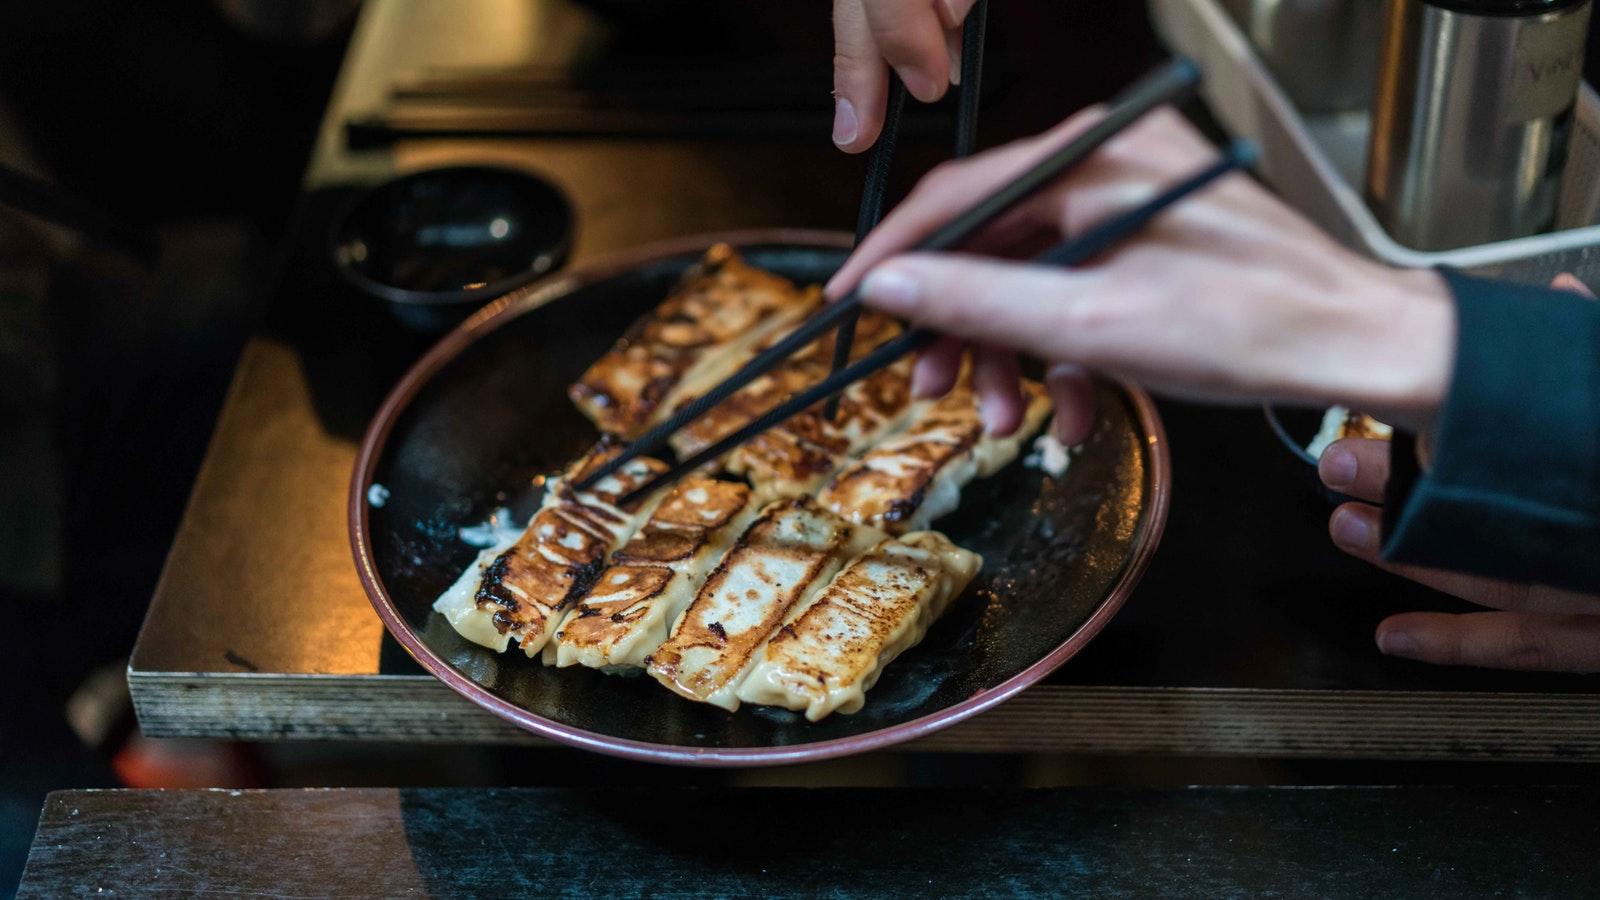 Dumplings on Melbourne Bites & Sights